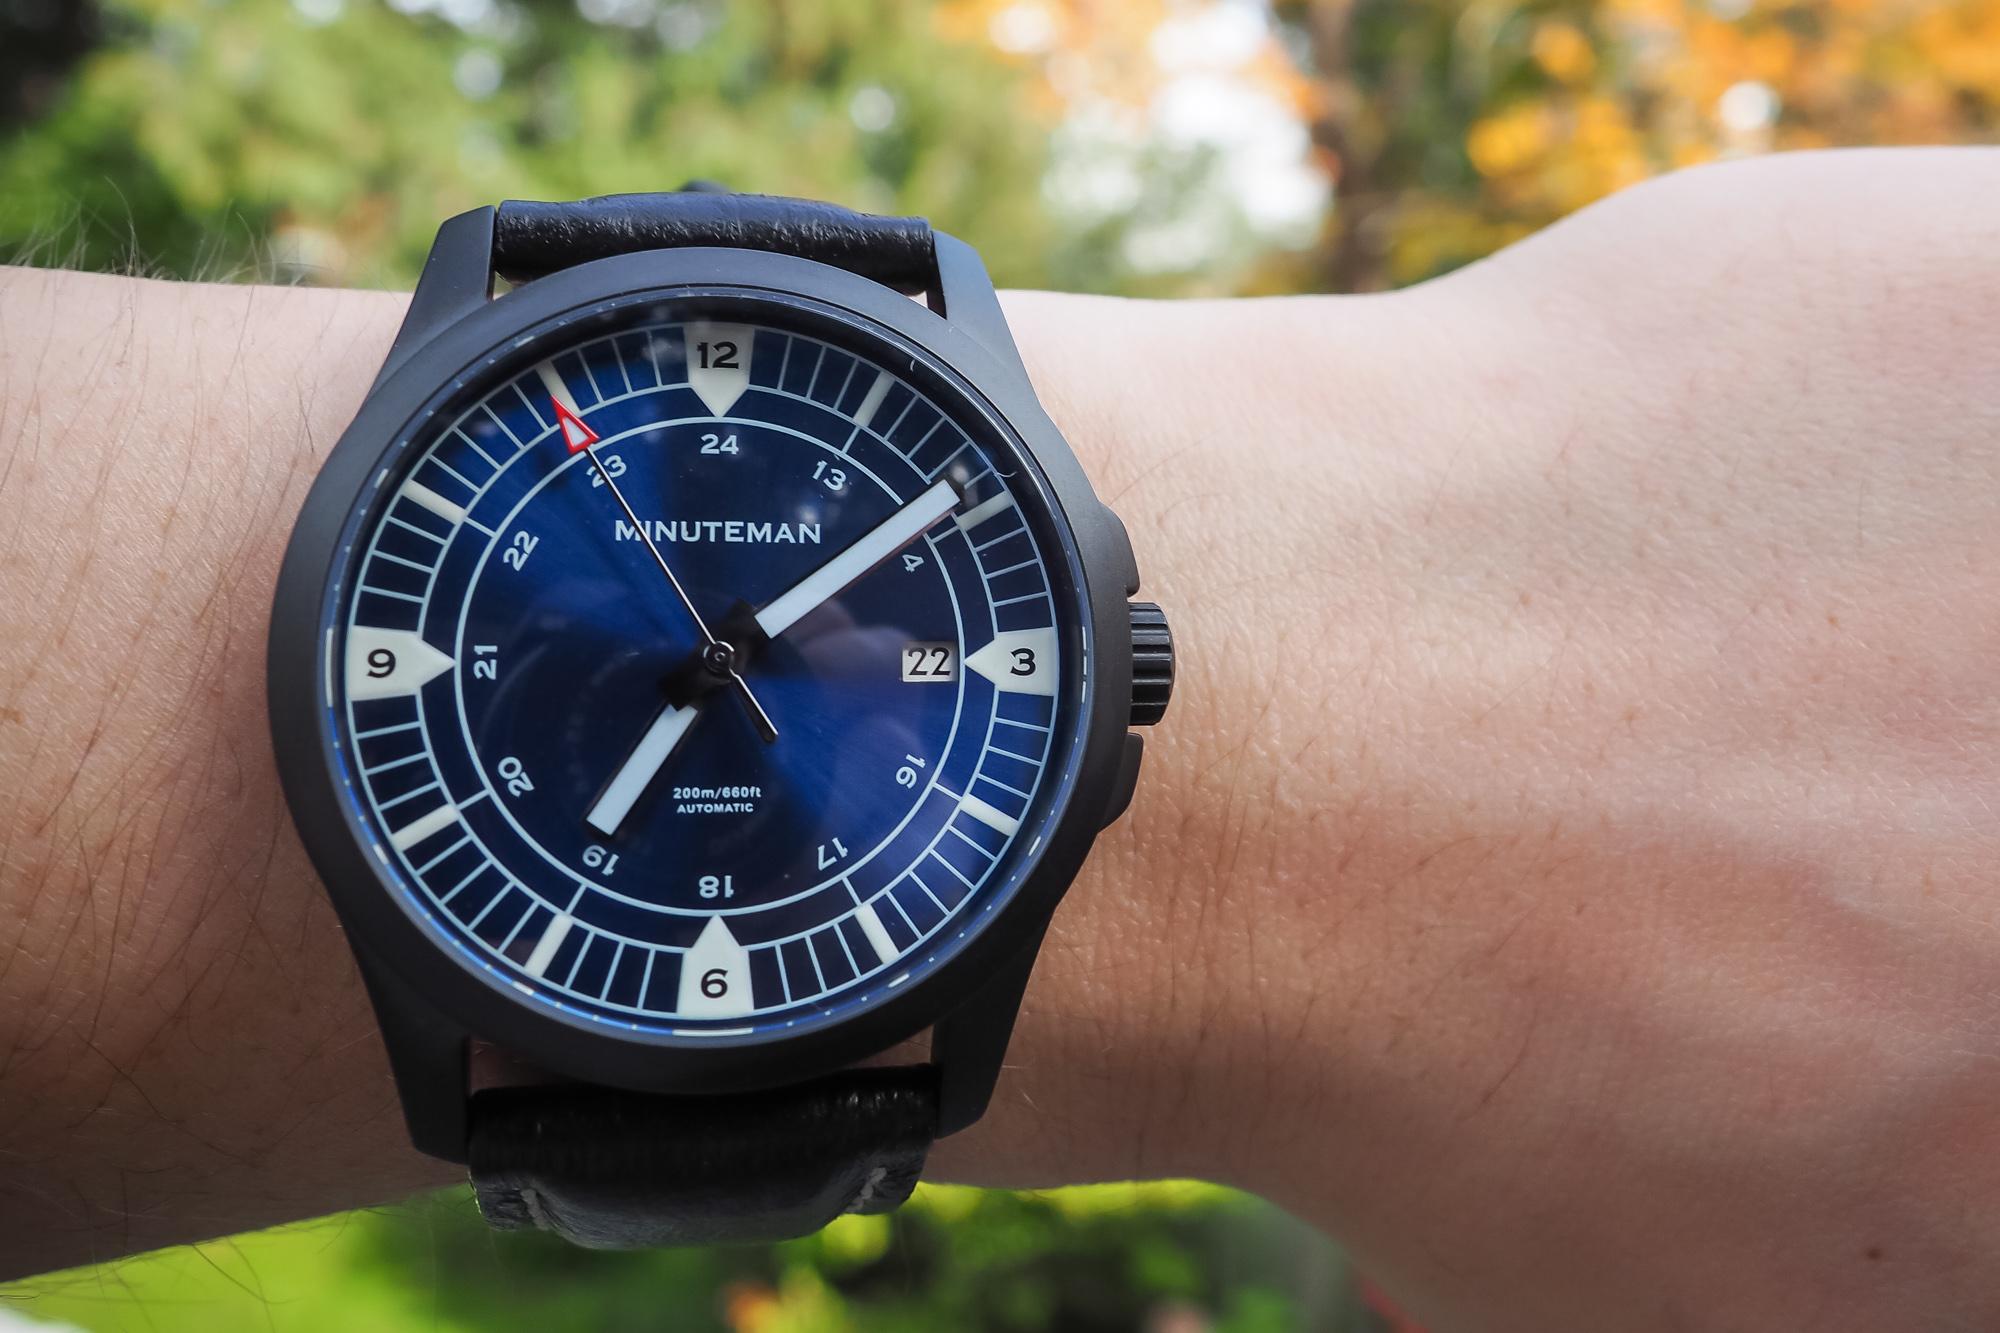 Minuteman Watches RWB DLC - Military Watch assembled USA